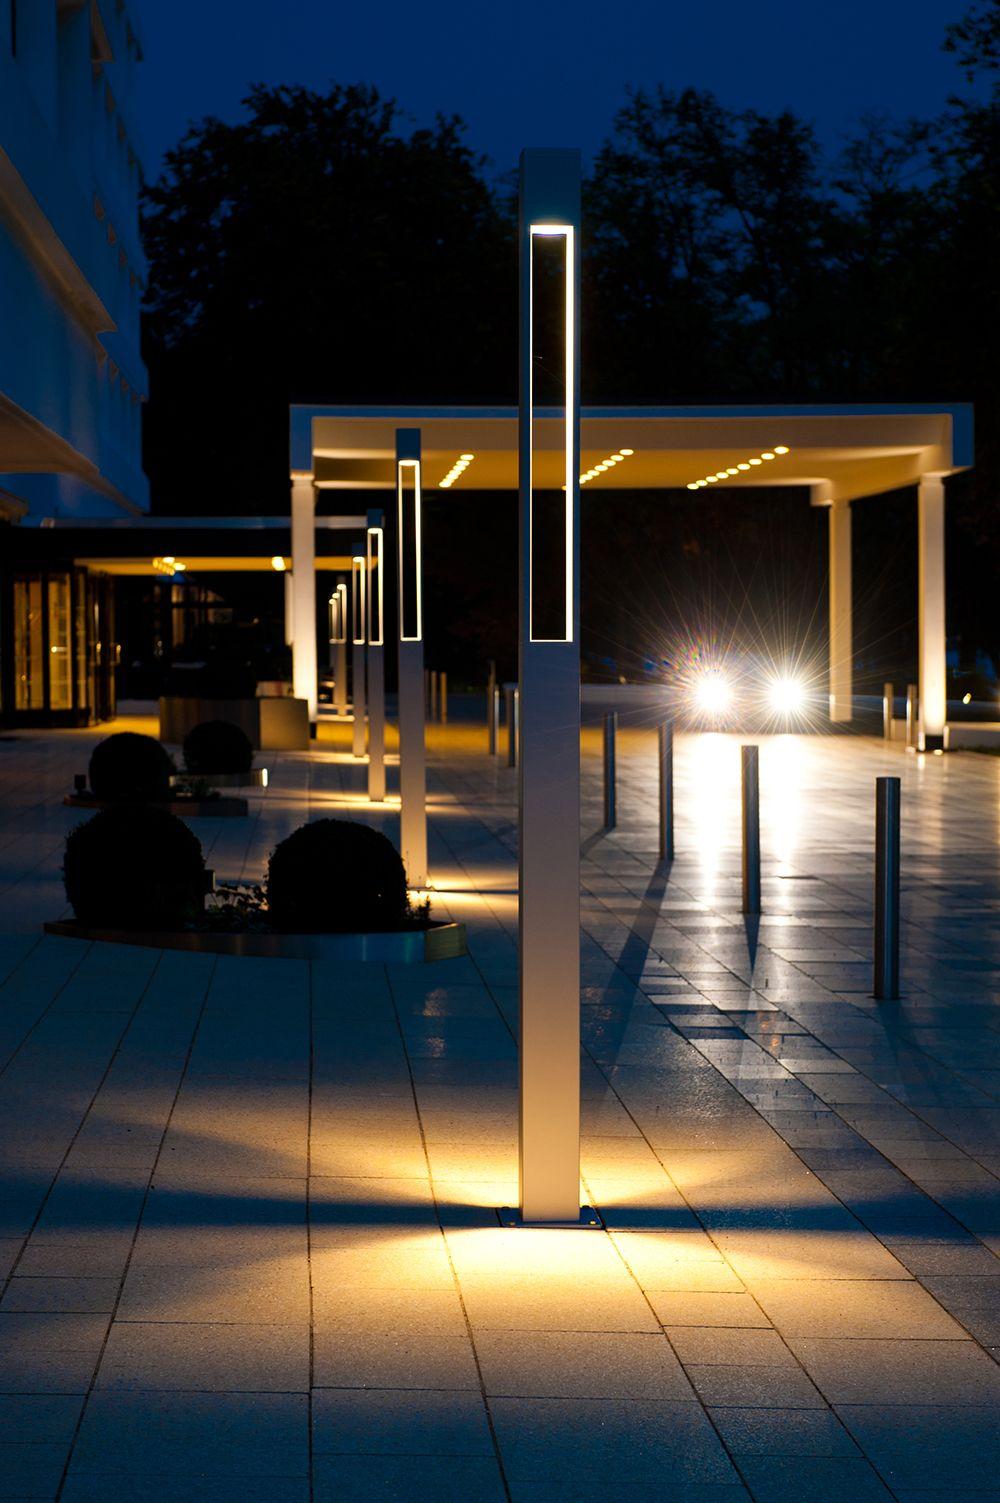 La Colonna Tetra Parco I Di Platek Light Illumina L Hotel